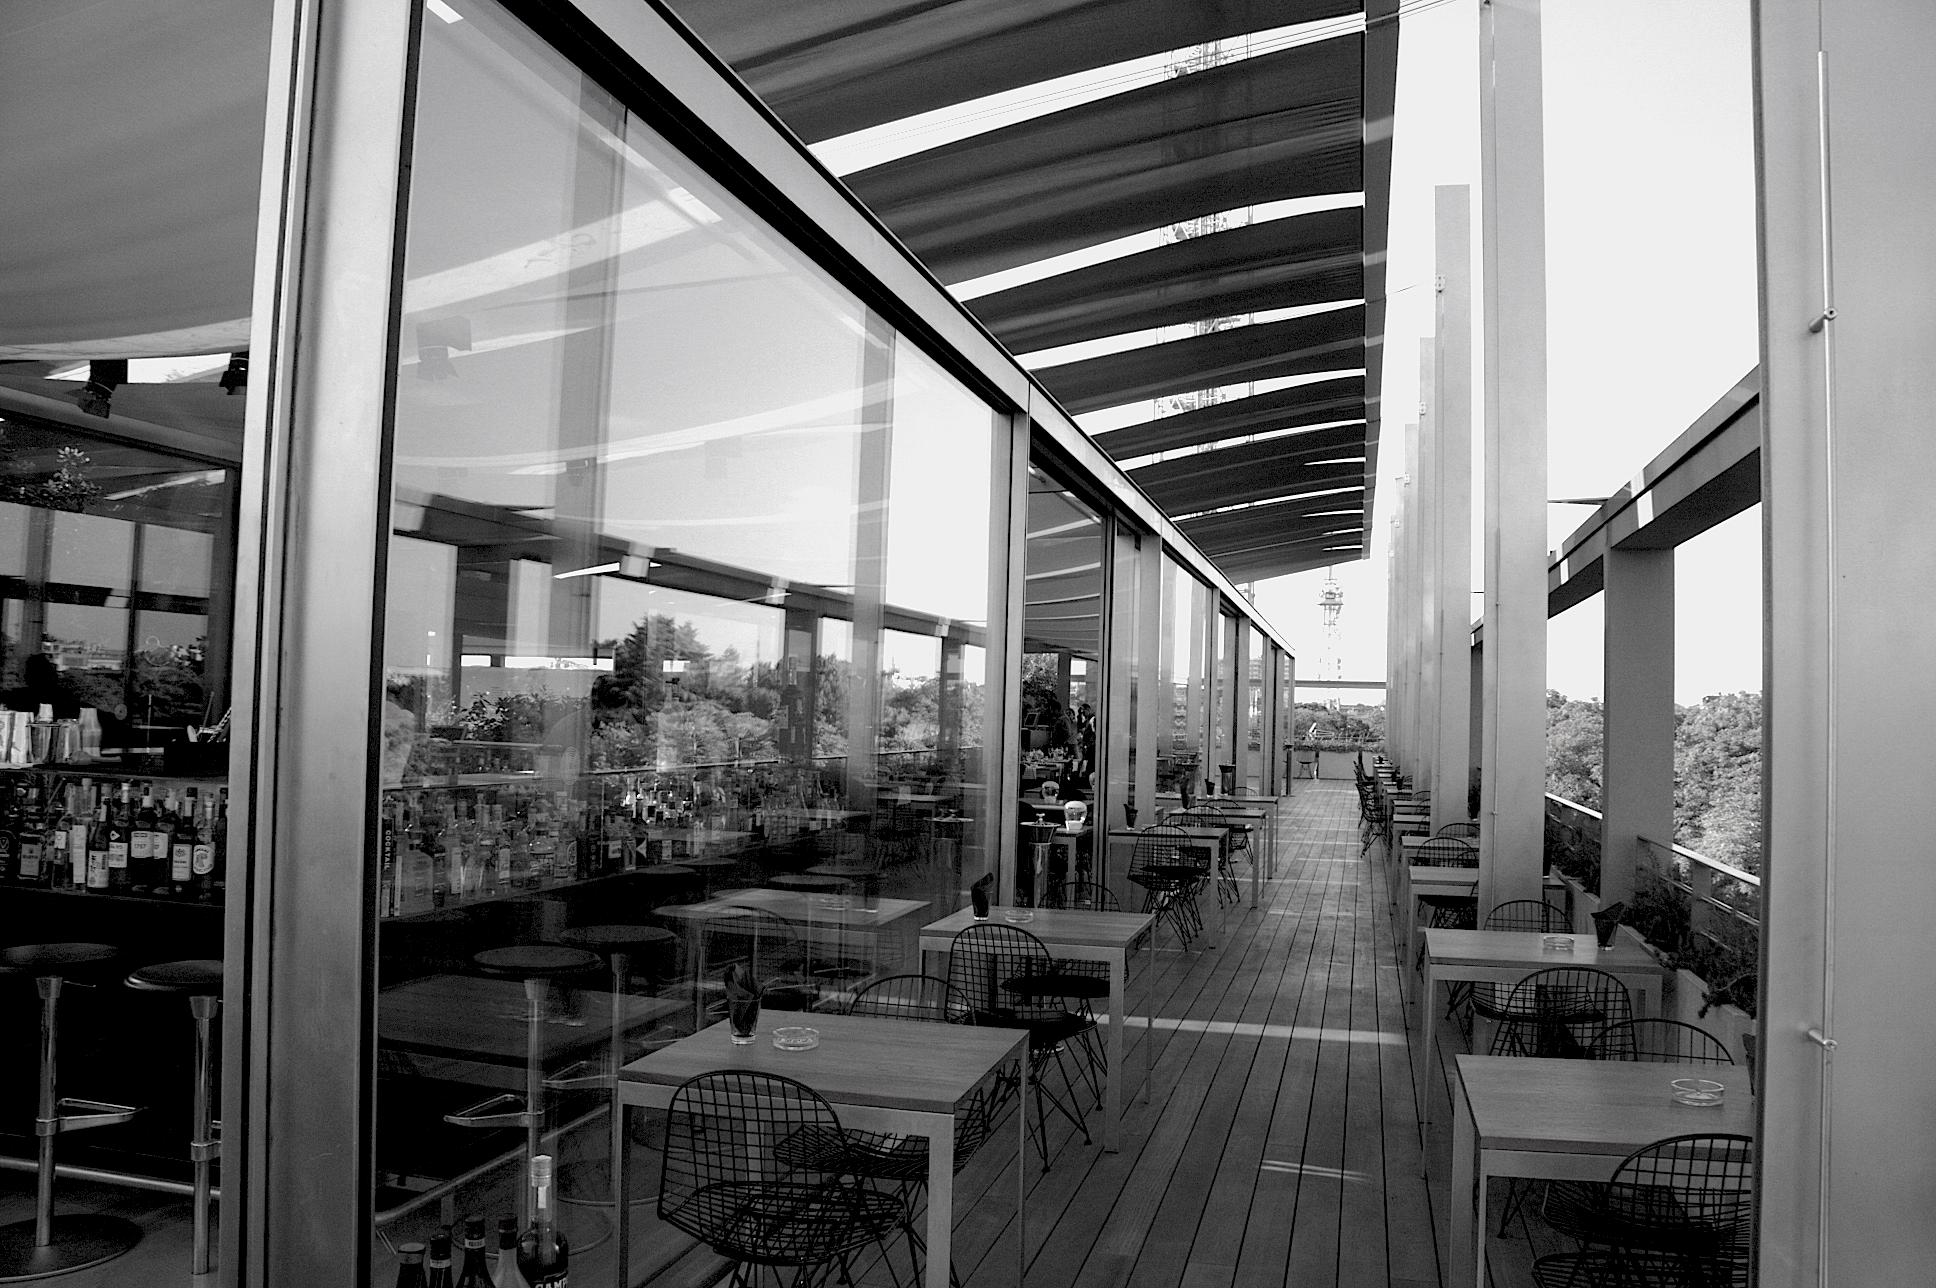 File:Triennale di Milano ristorante sulla Terrazza.jpeg - Wikimedia ...